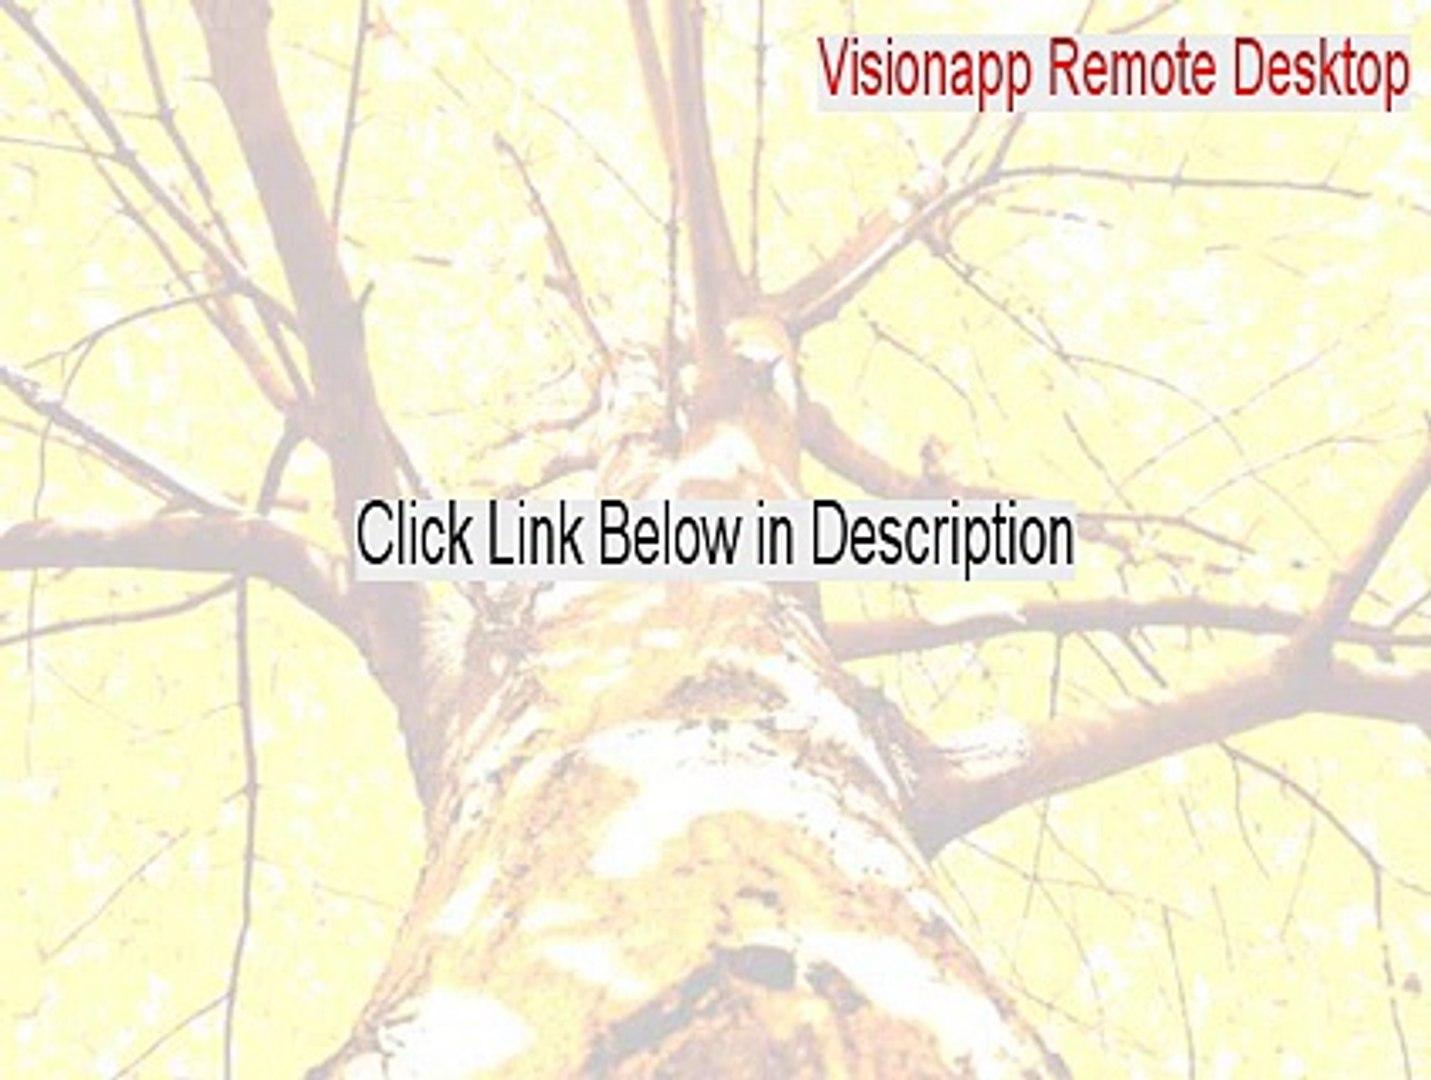 Visionapp Remote Desktop Cracked (visionapp remote desktop 2011 2015)